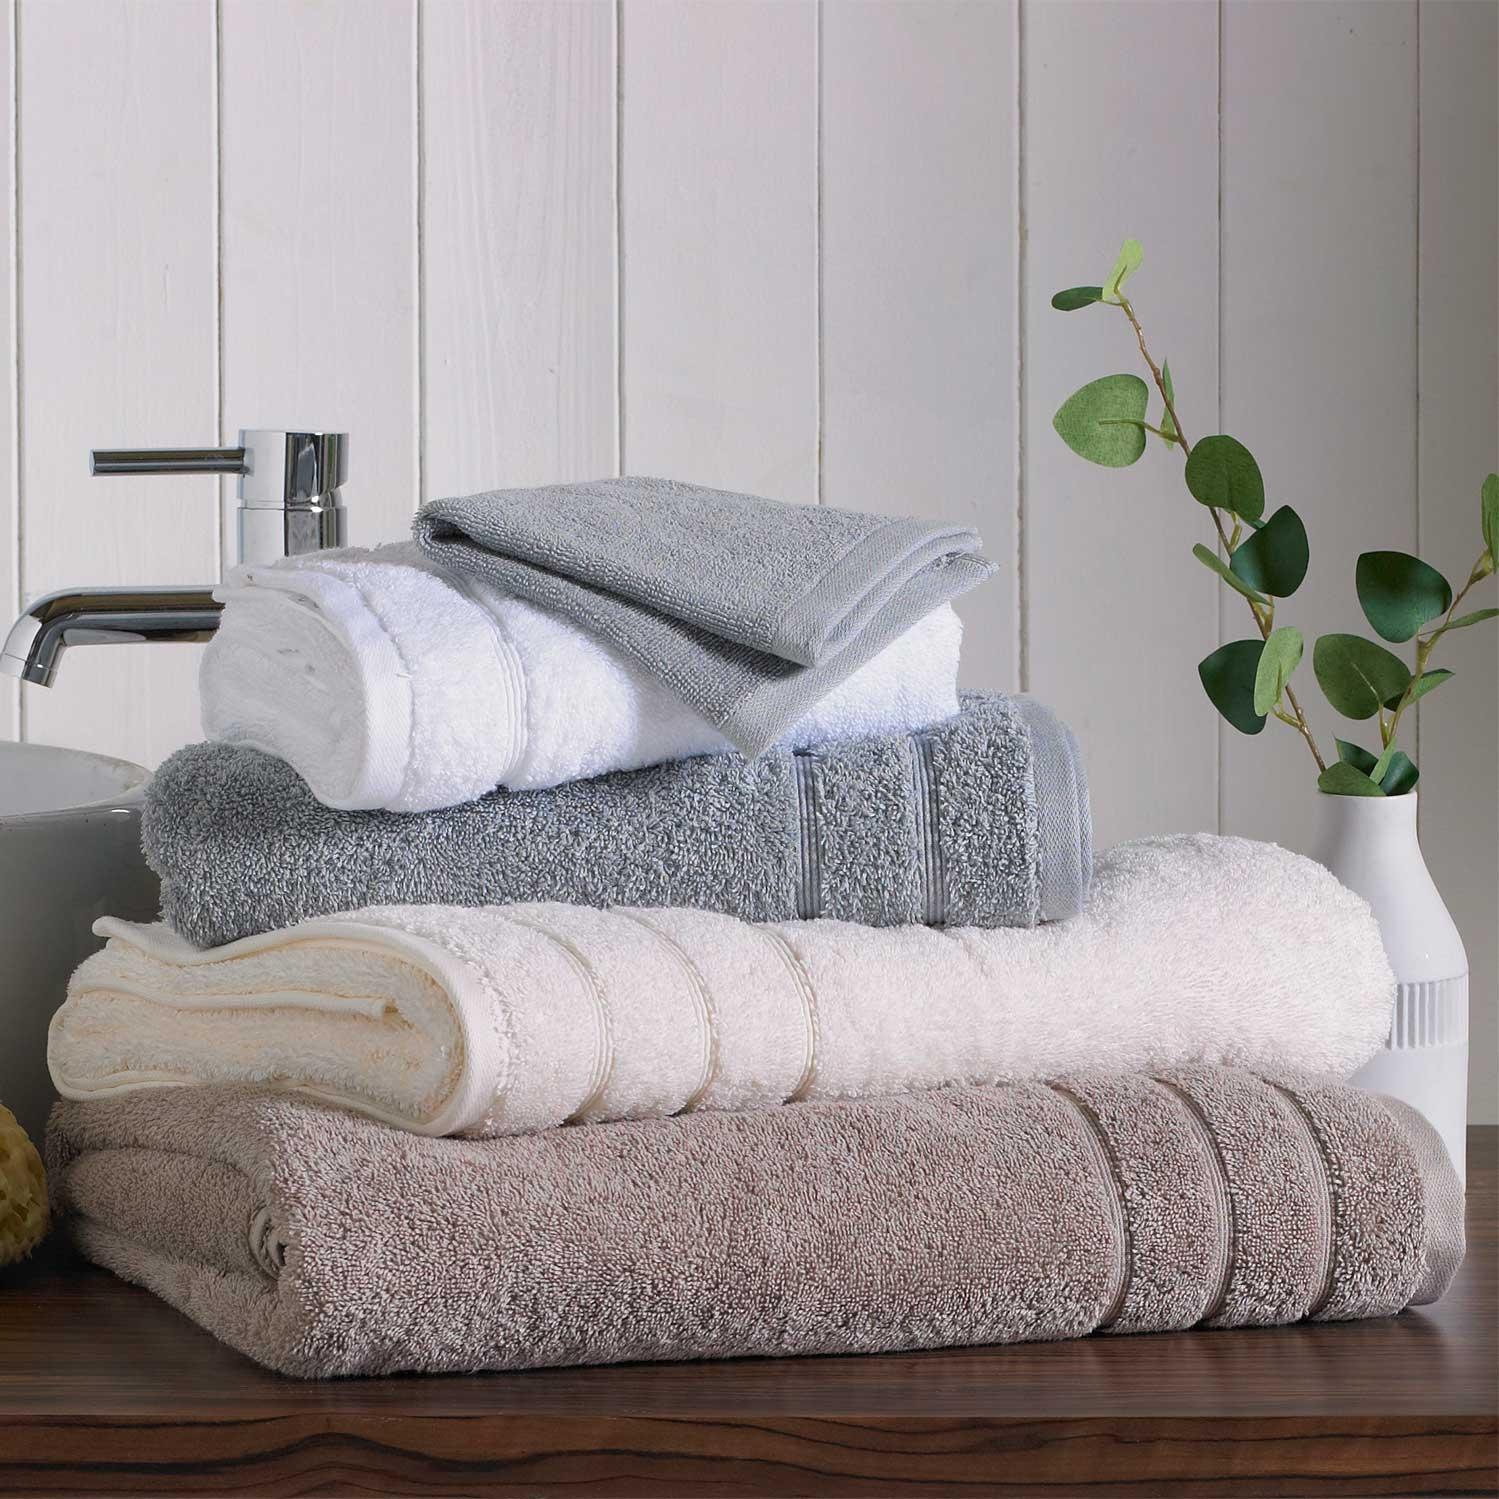 Preston-towels-main_2.jpg